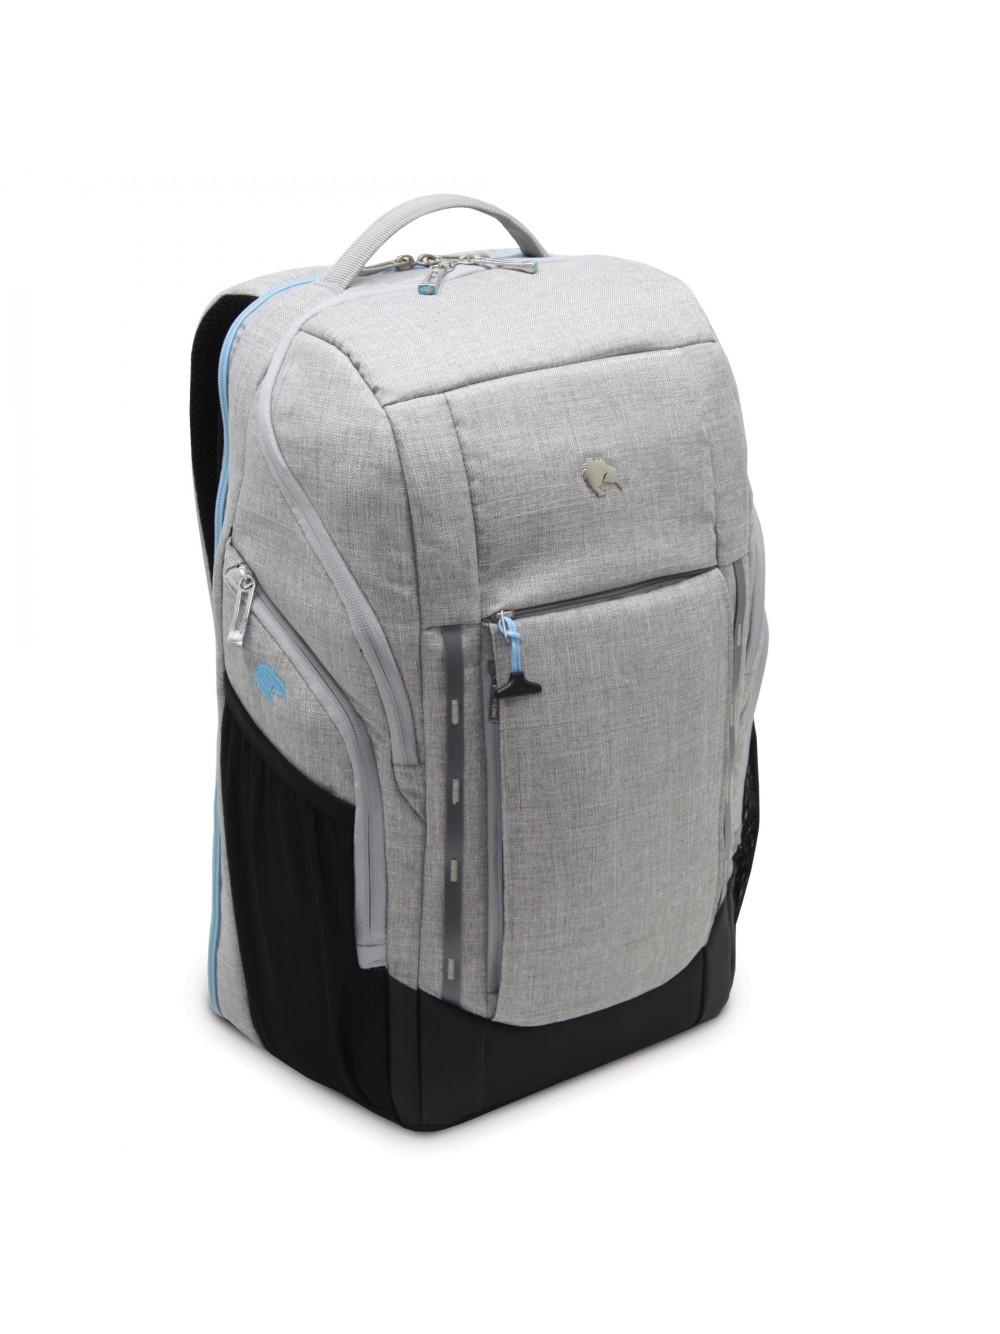 HAPORI Universal Diaper Backpack